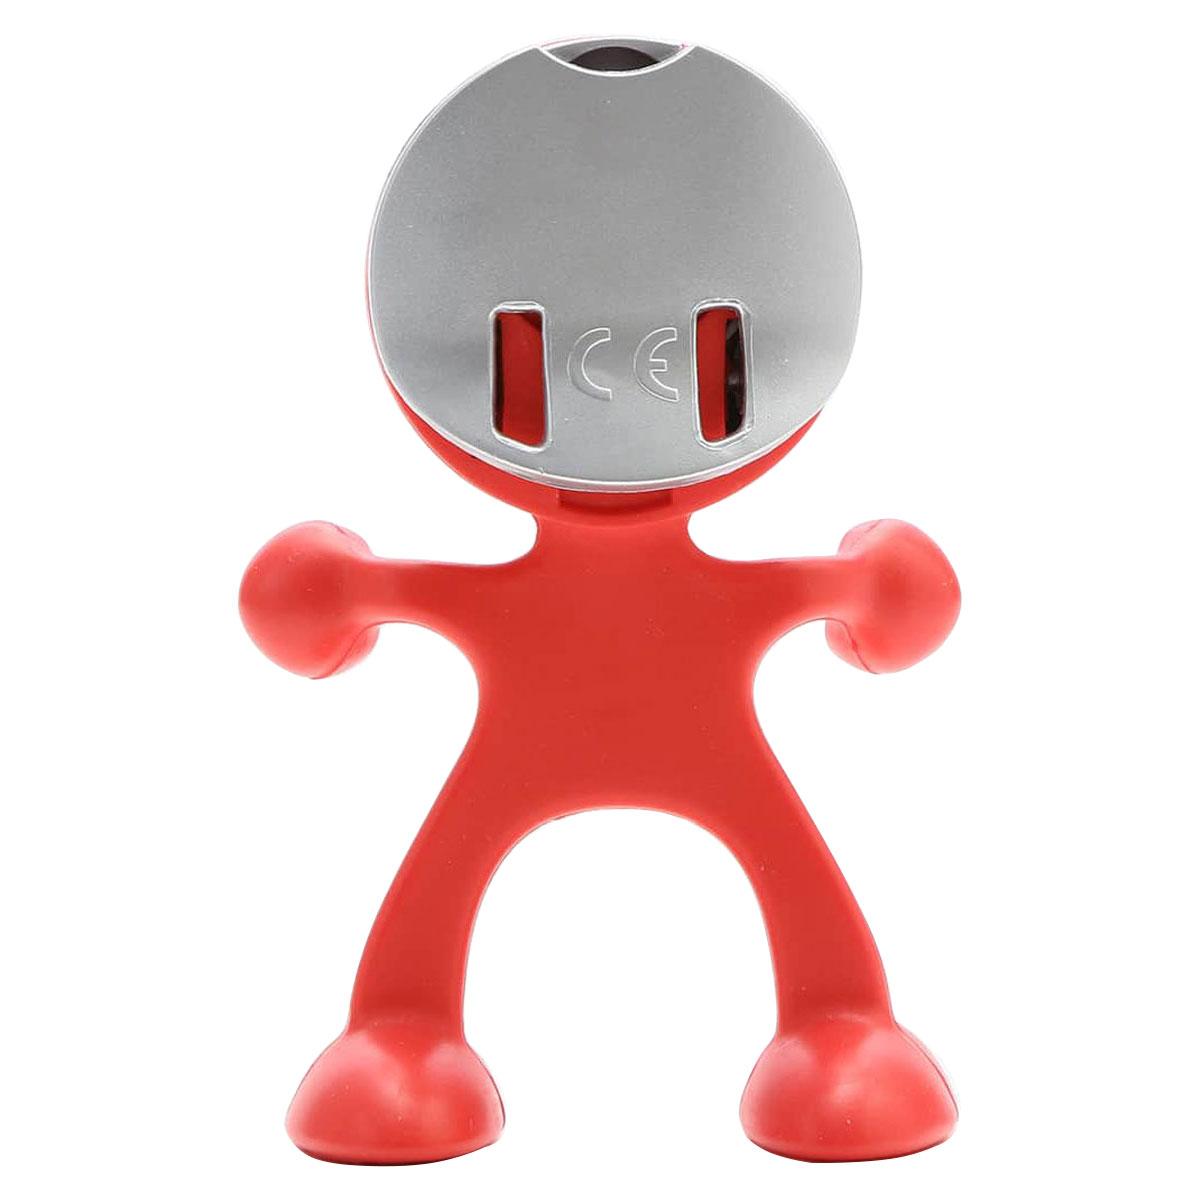 【卒業記念品台紙】クロックレンジャー 三菱鉛筆 ジェットストリーム 5機能ペンセット